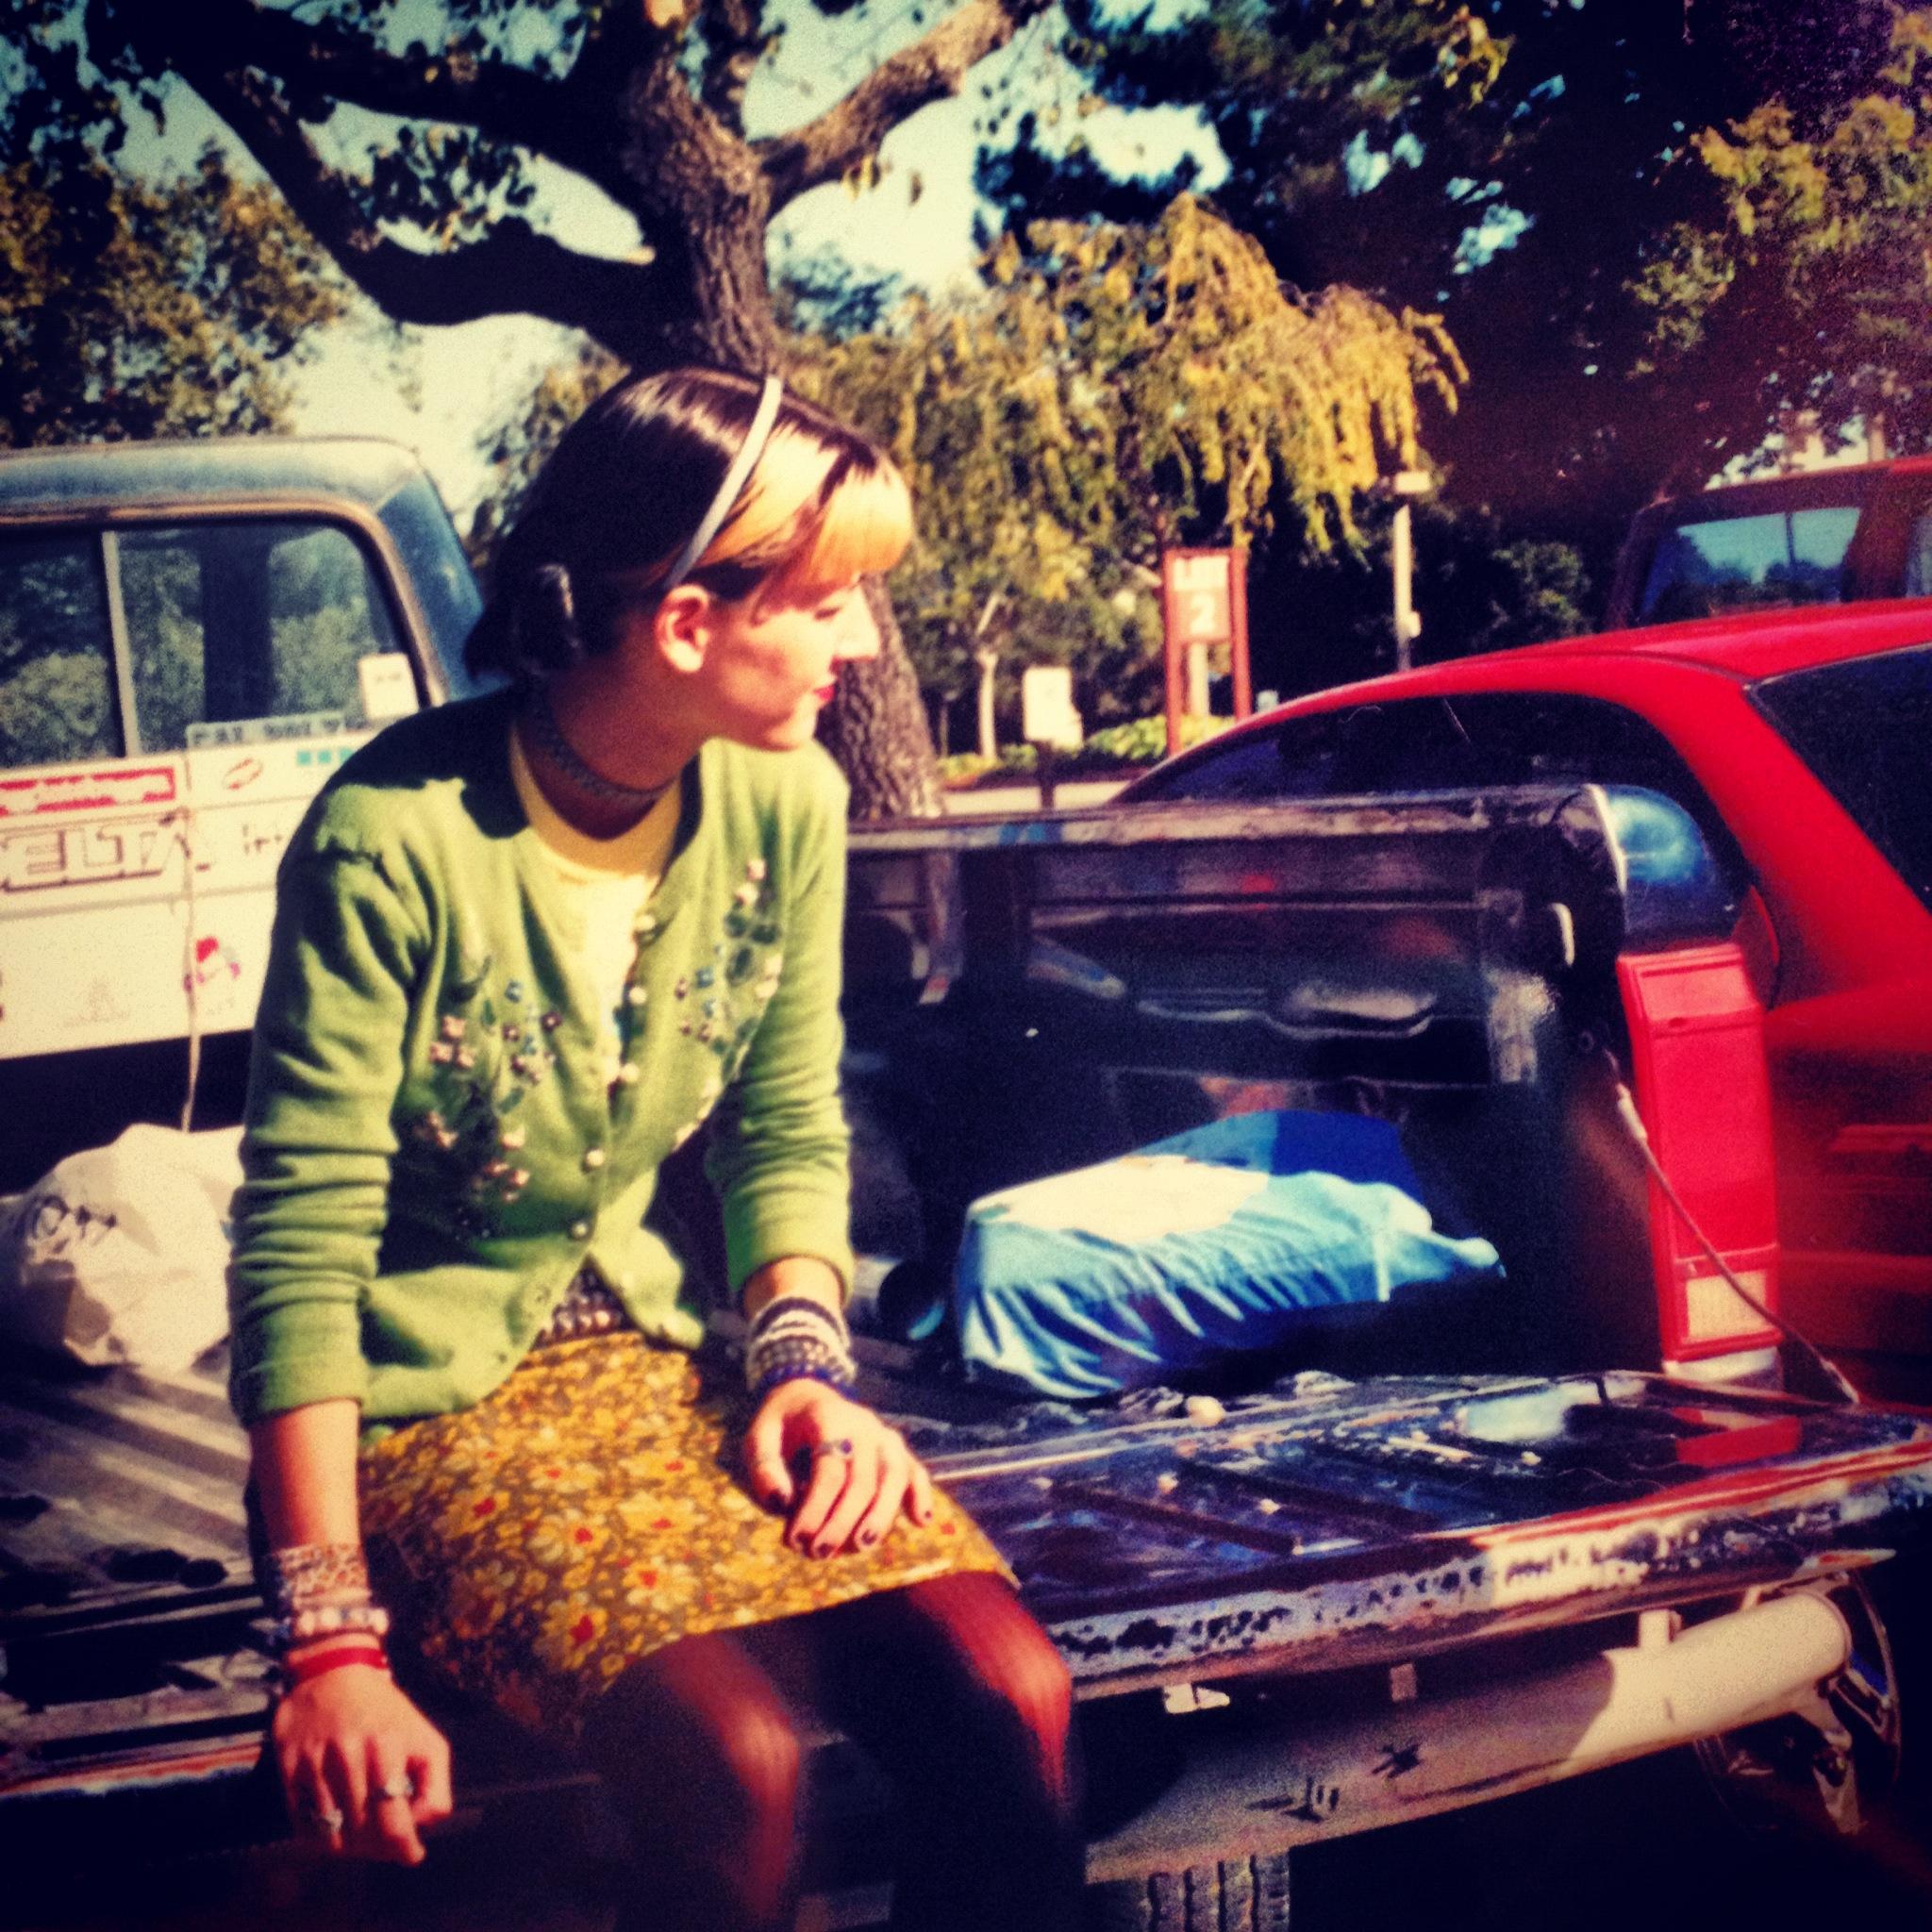 Young-Punk-Girl-Car